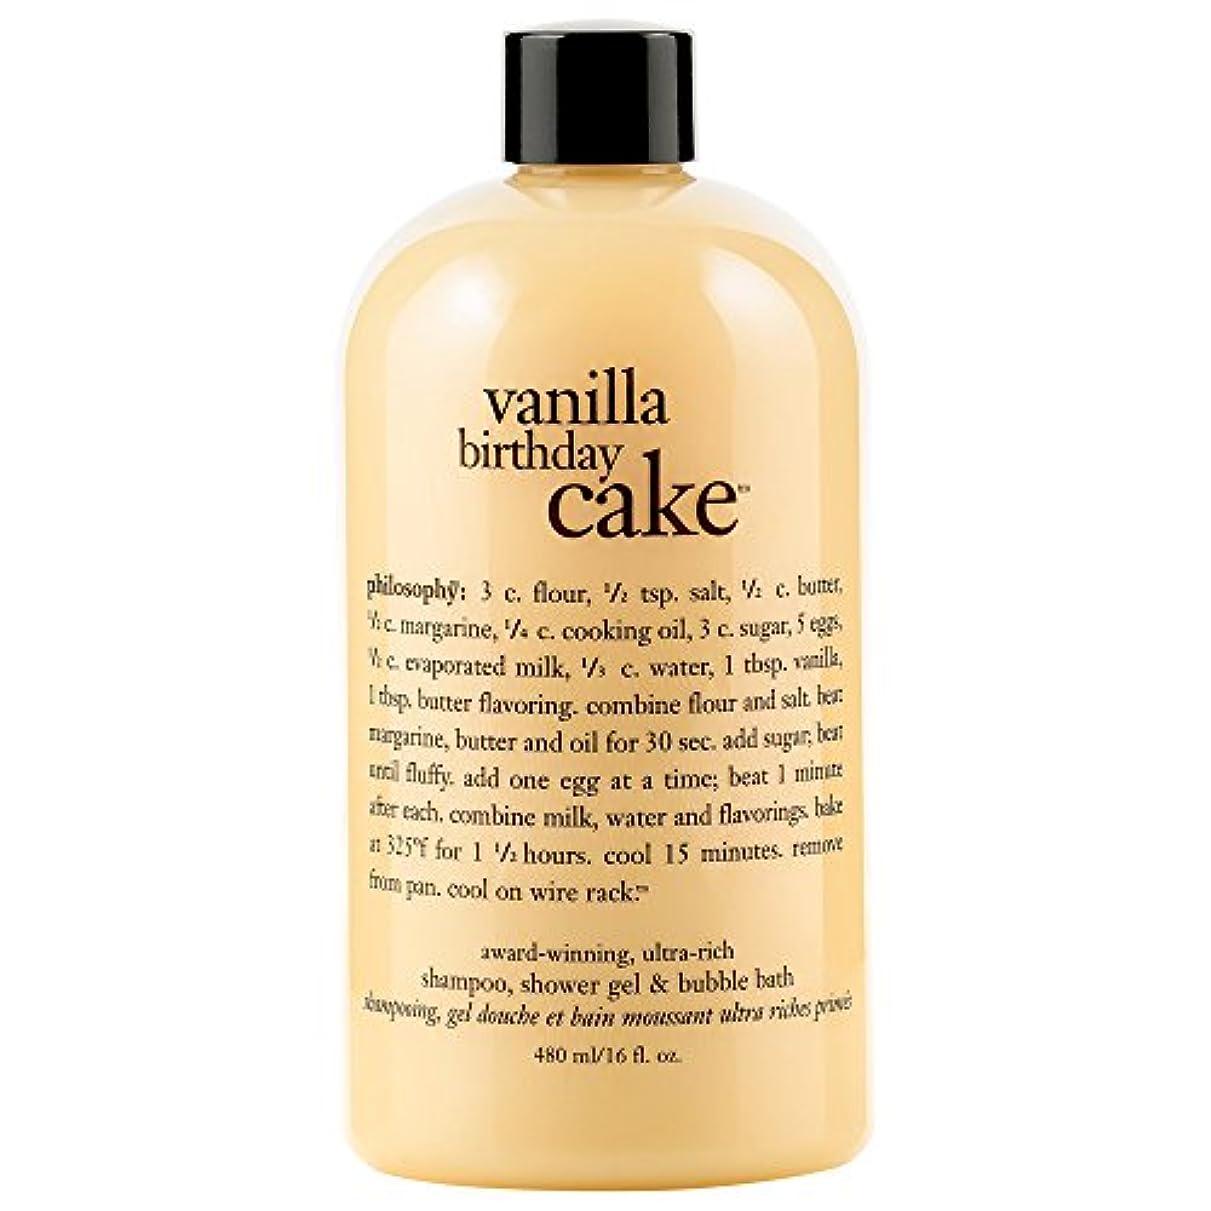 失業者バター排気哲学バニラバースデーケーキシャンプー/シャワージェル/バブルバス480ミリリットル (Philosophy) (x6) - Philosophy Vanilla Birthday Cake Shampoo/Shower Gel/Bubble Bath 480ml (Pack of 6) [並行輸入品]